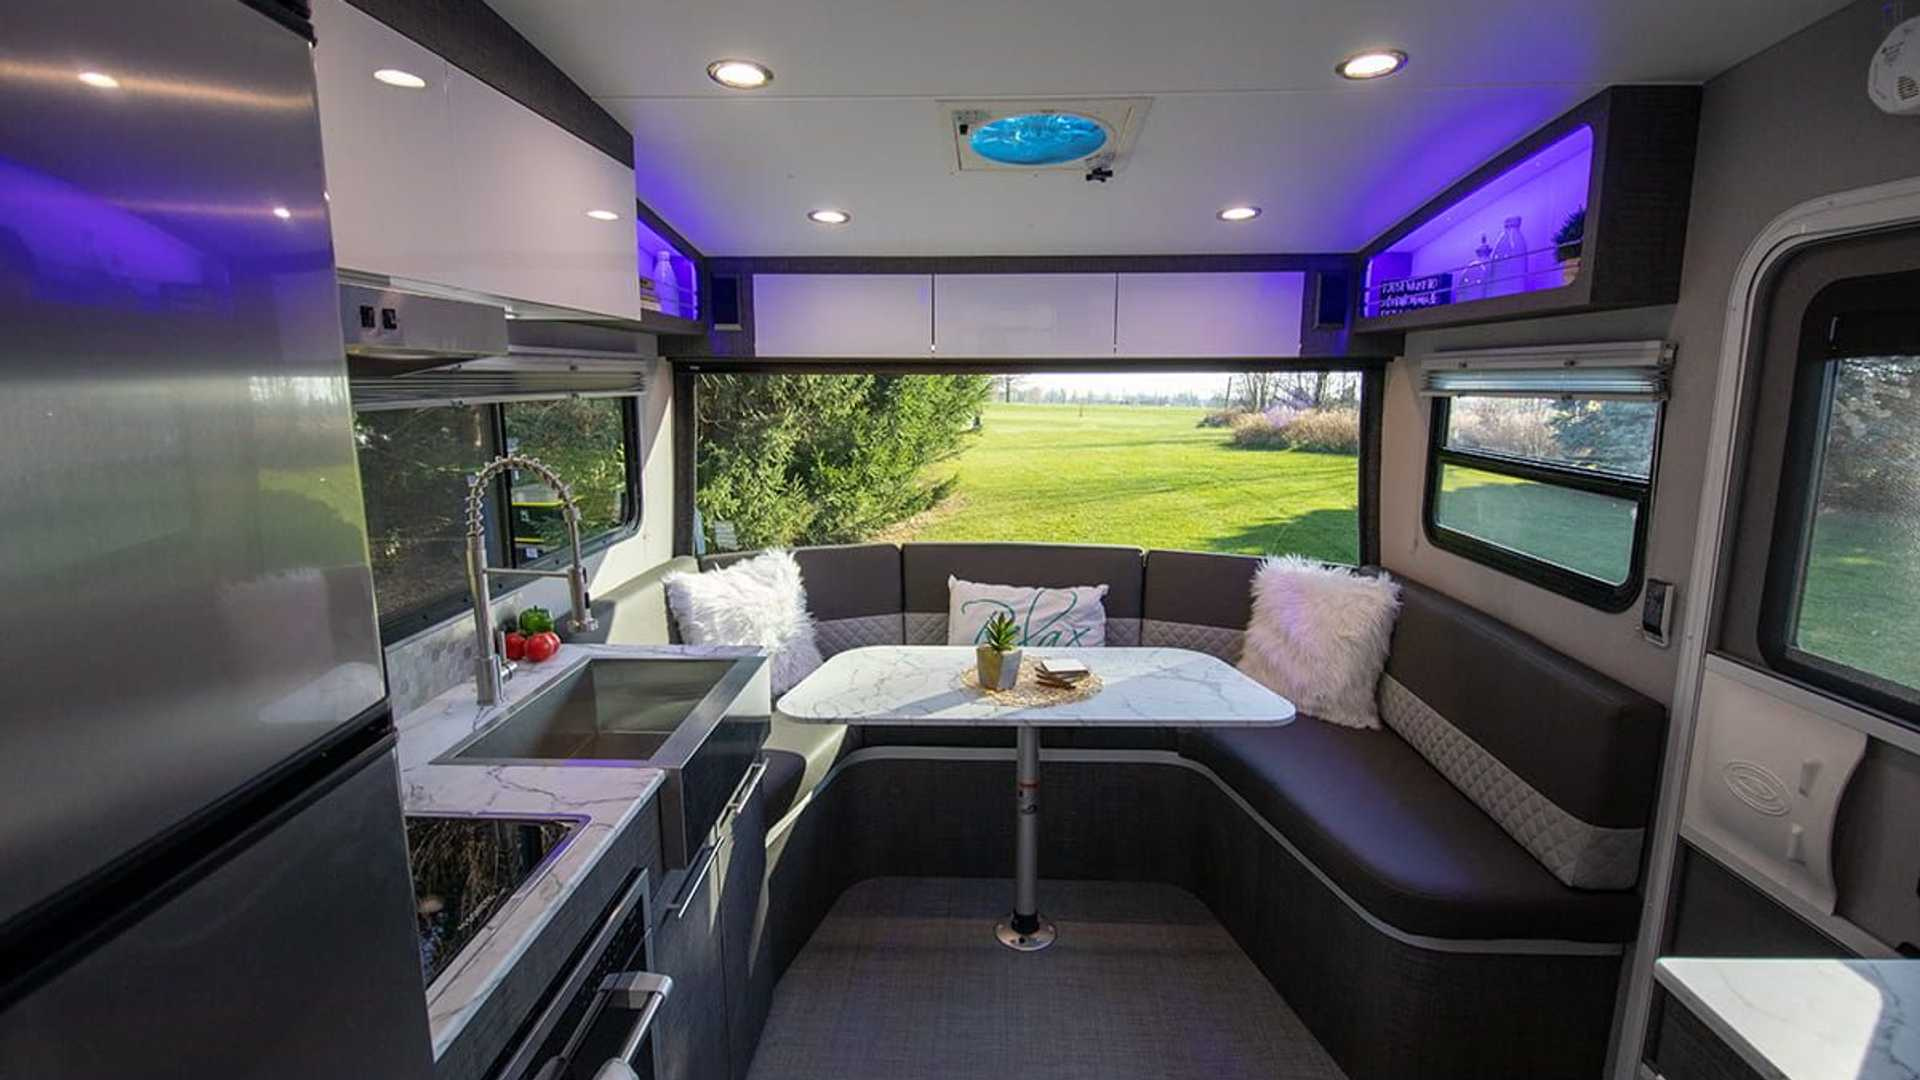 露營也不能省了居住品質─InTech推出豪華車屋「Terra Oasis」